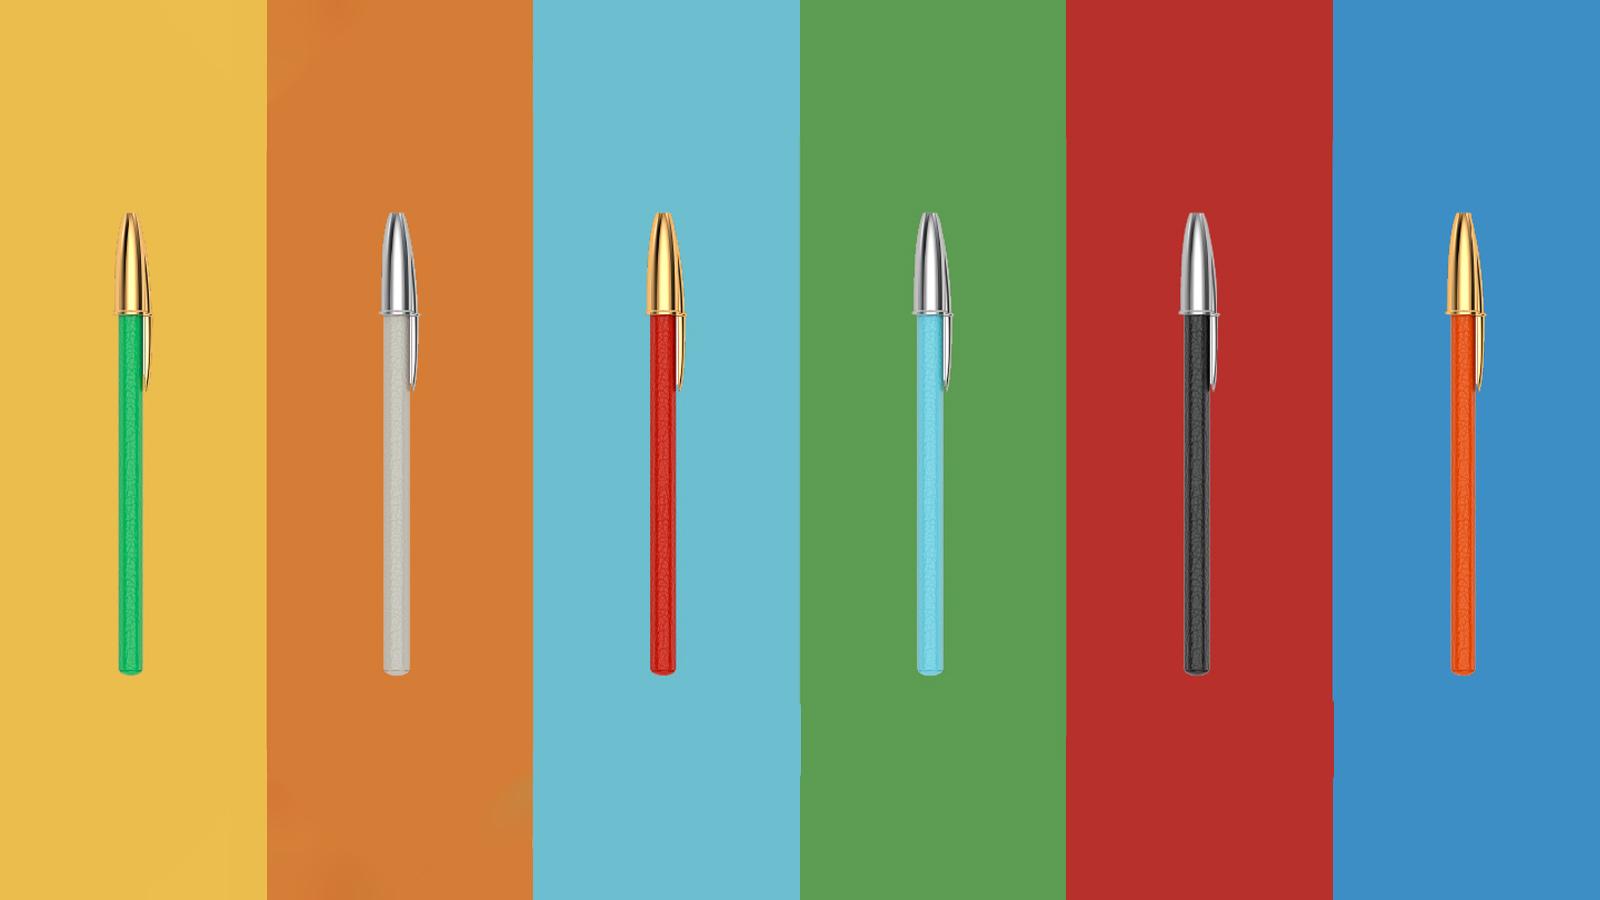 피네르 엣 피네르 x 빅 크리스탈 70주년 기념 컬래버레이션